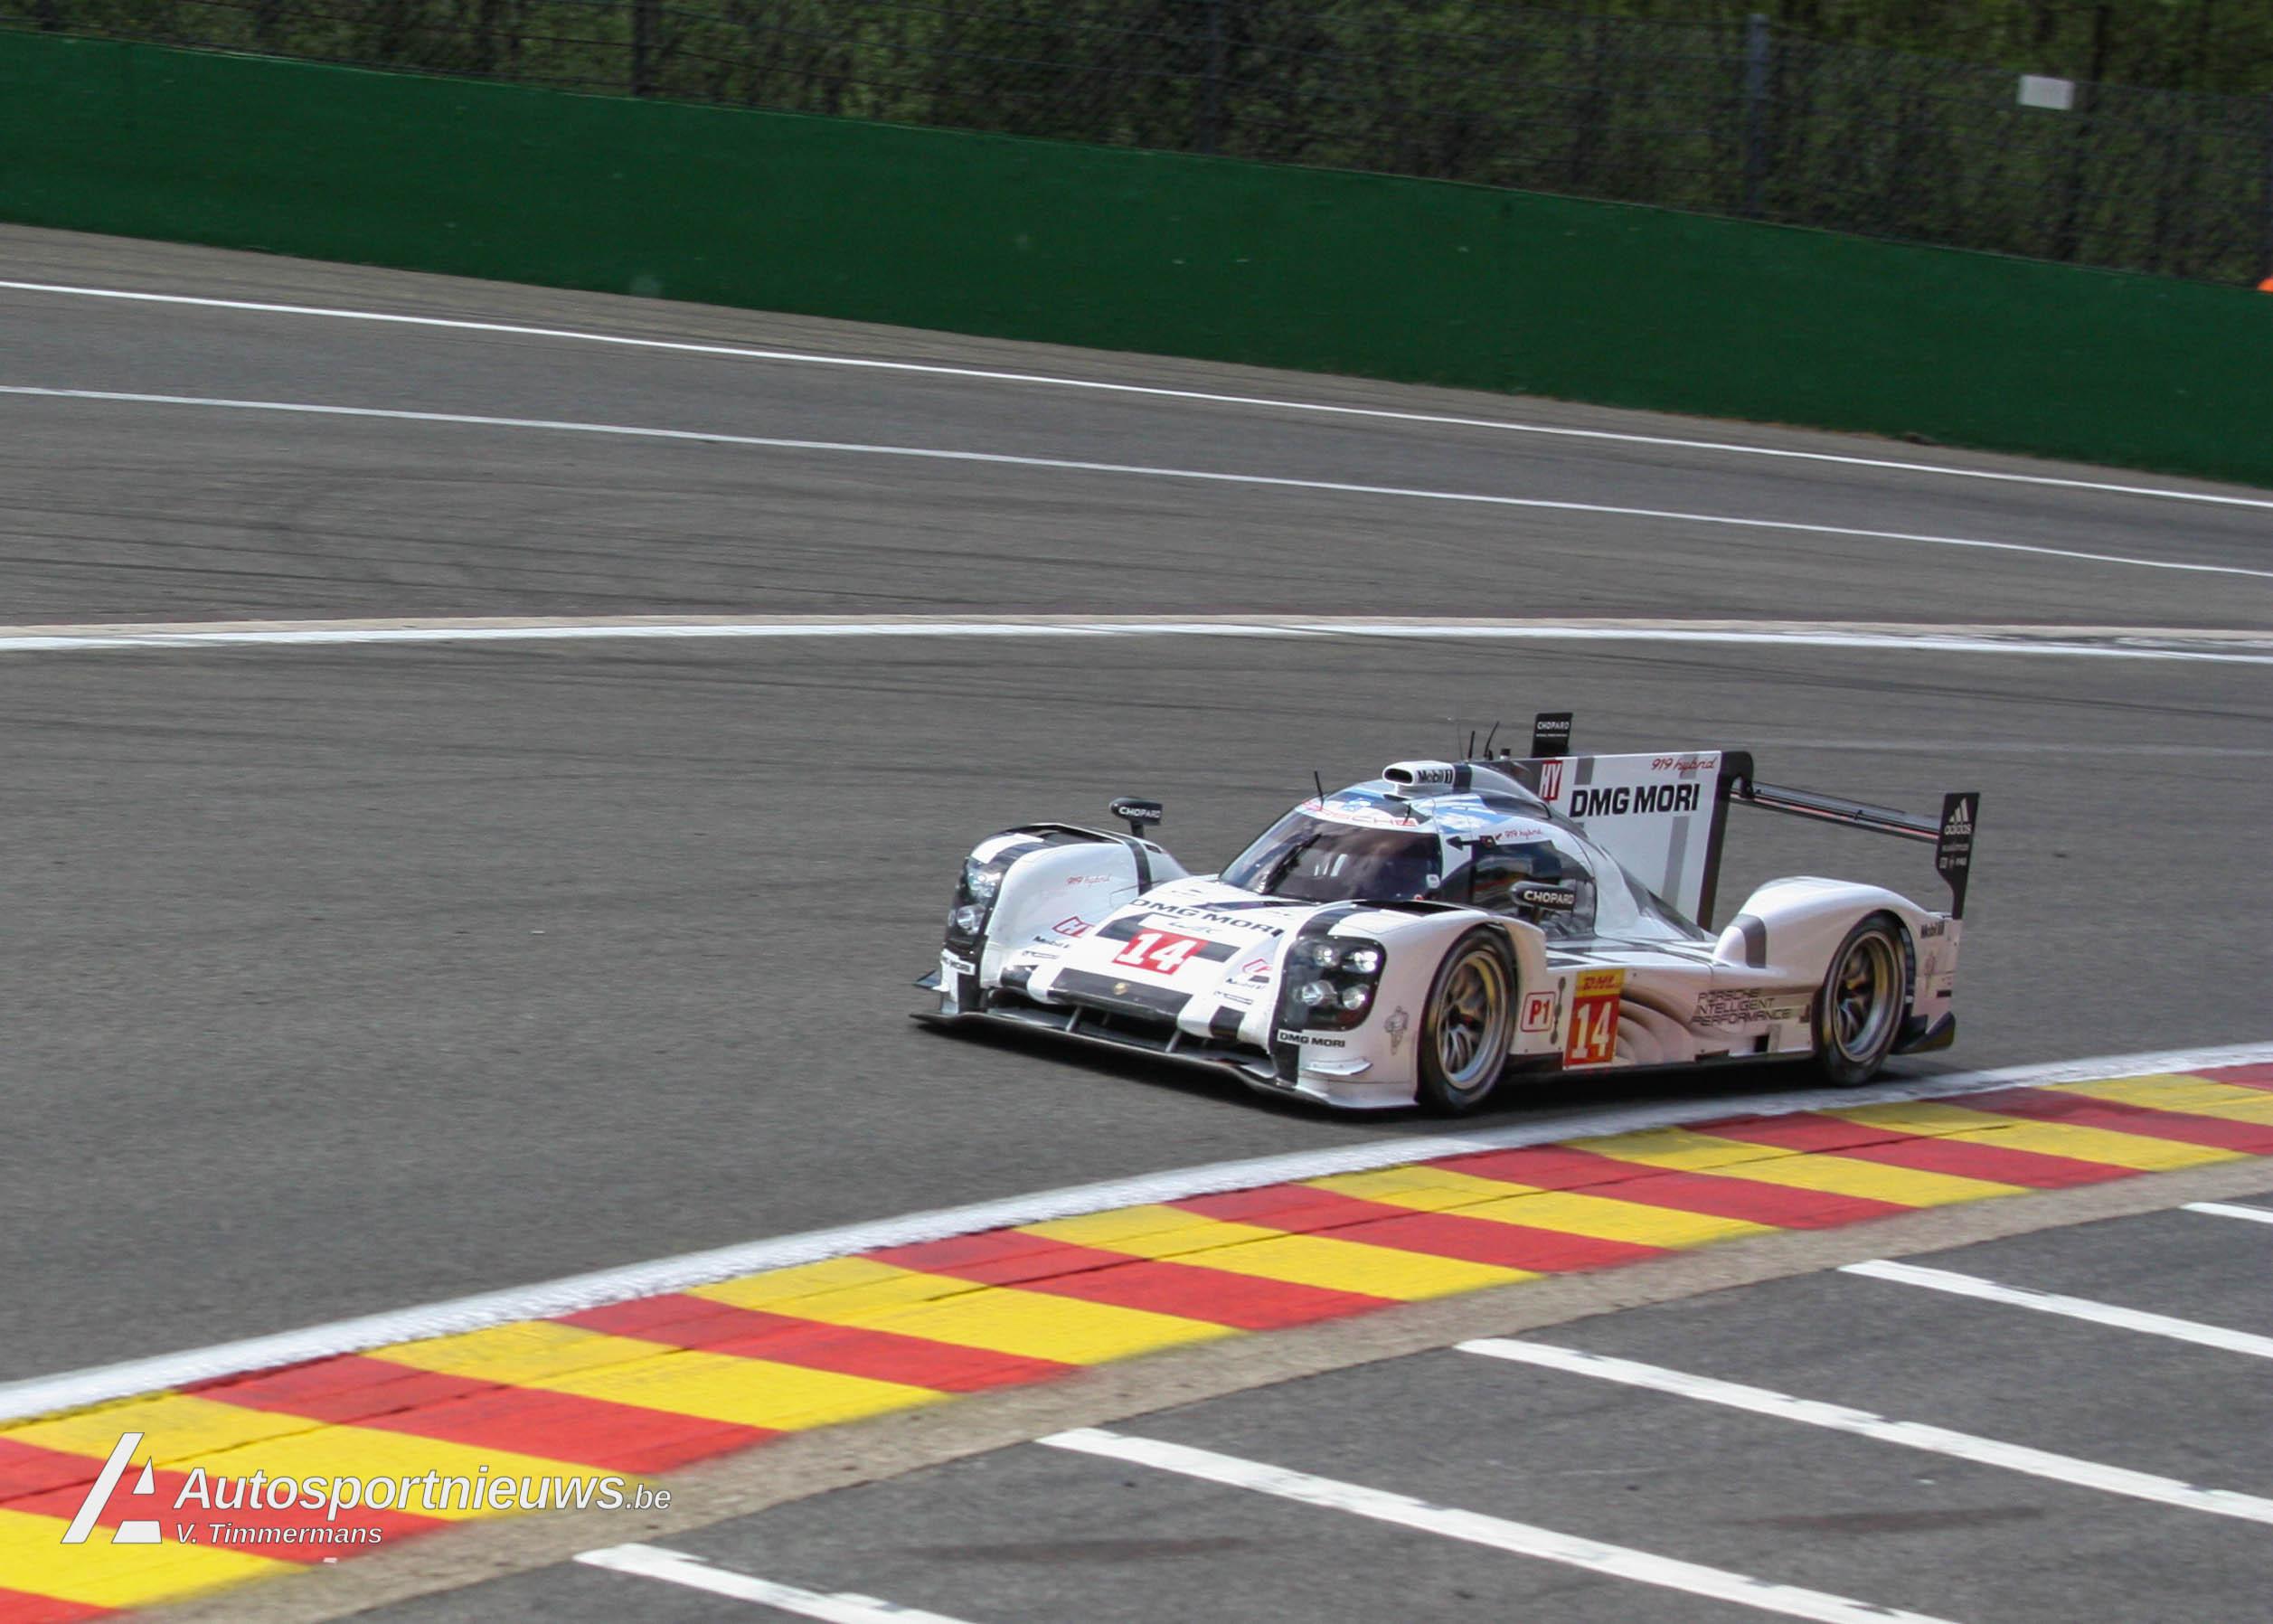 Porsche keert terug in de lang afstand races van af 2023